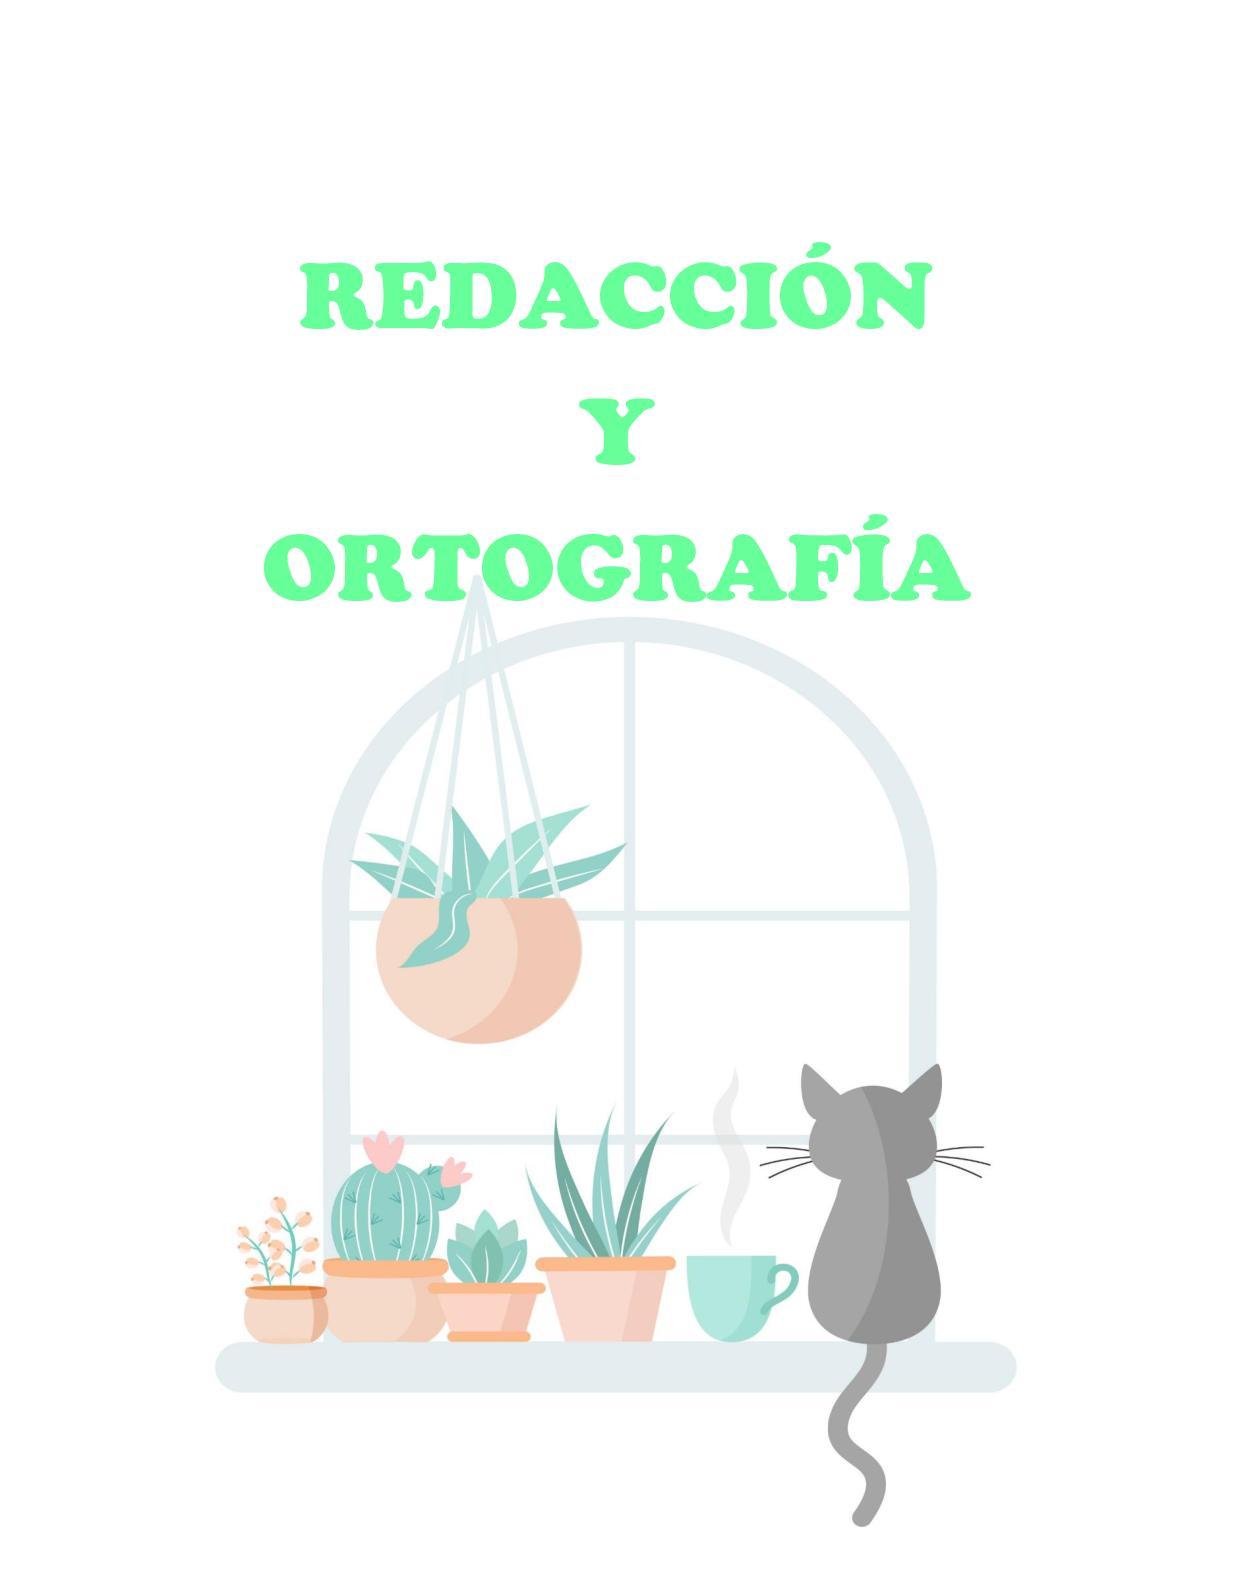 Portafolio Redaccion Pdf